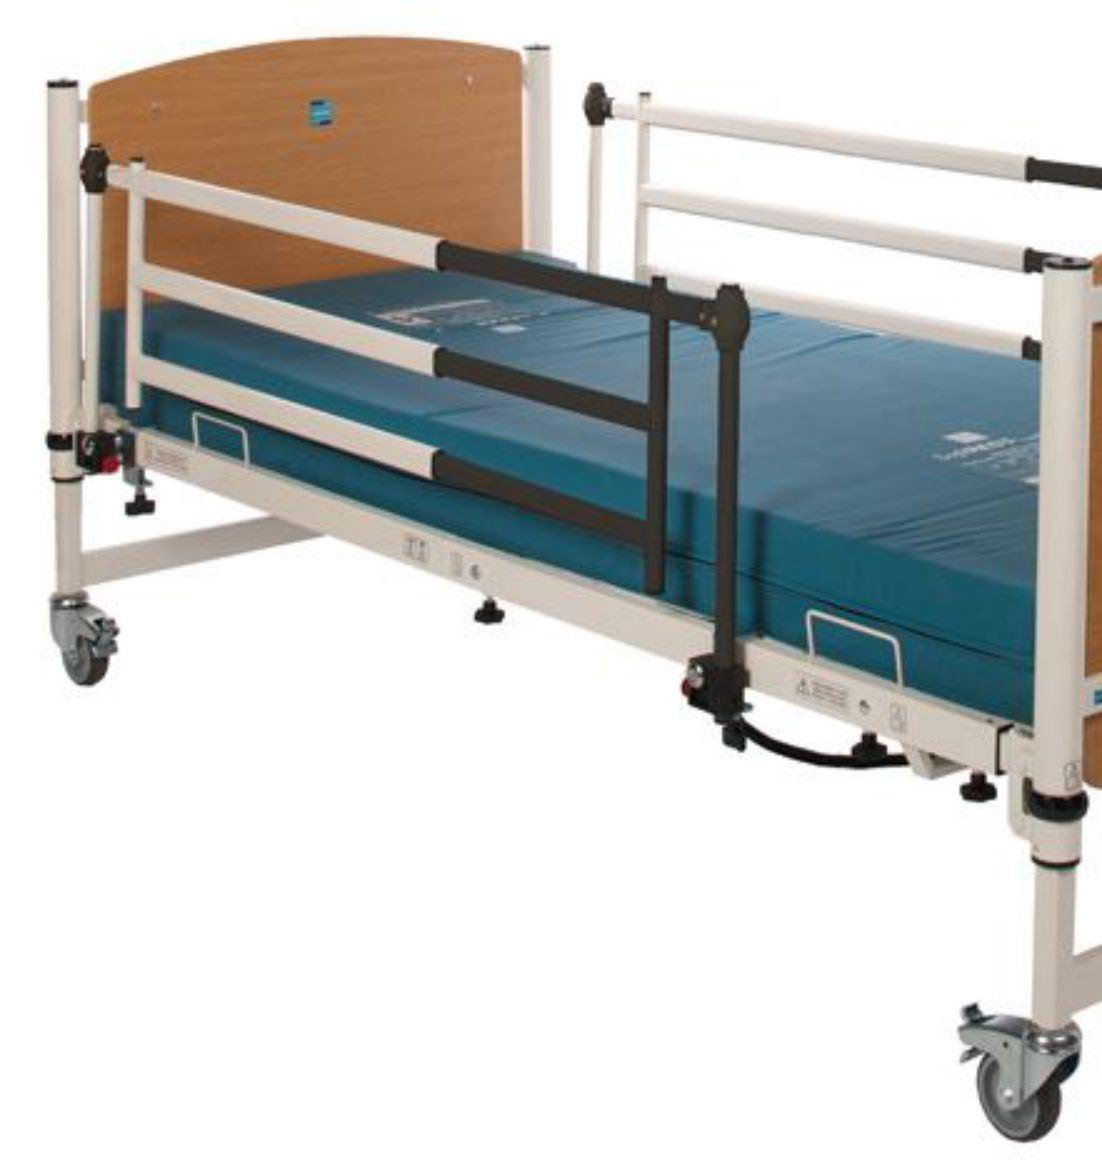 grange adjustable bed rails side rails cot sides for